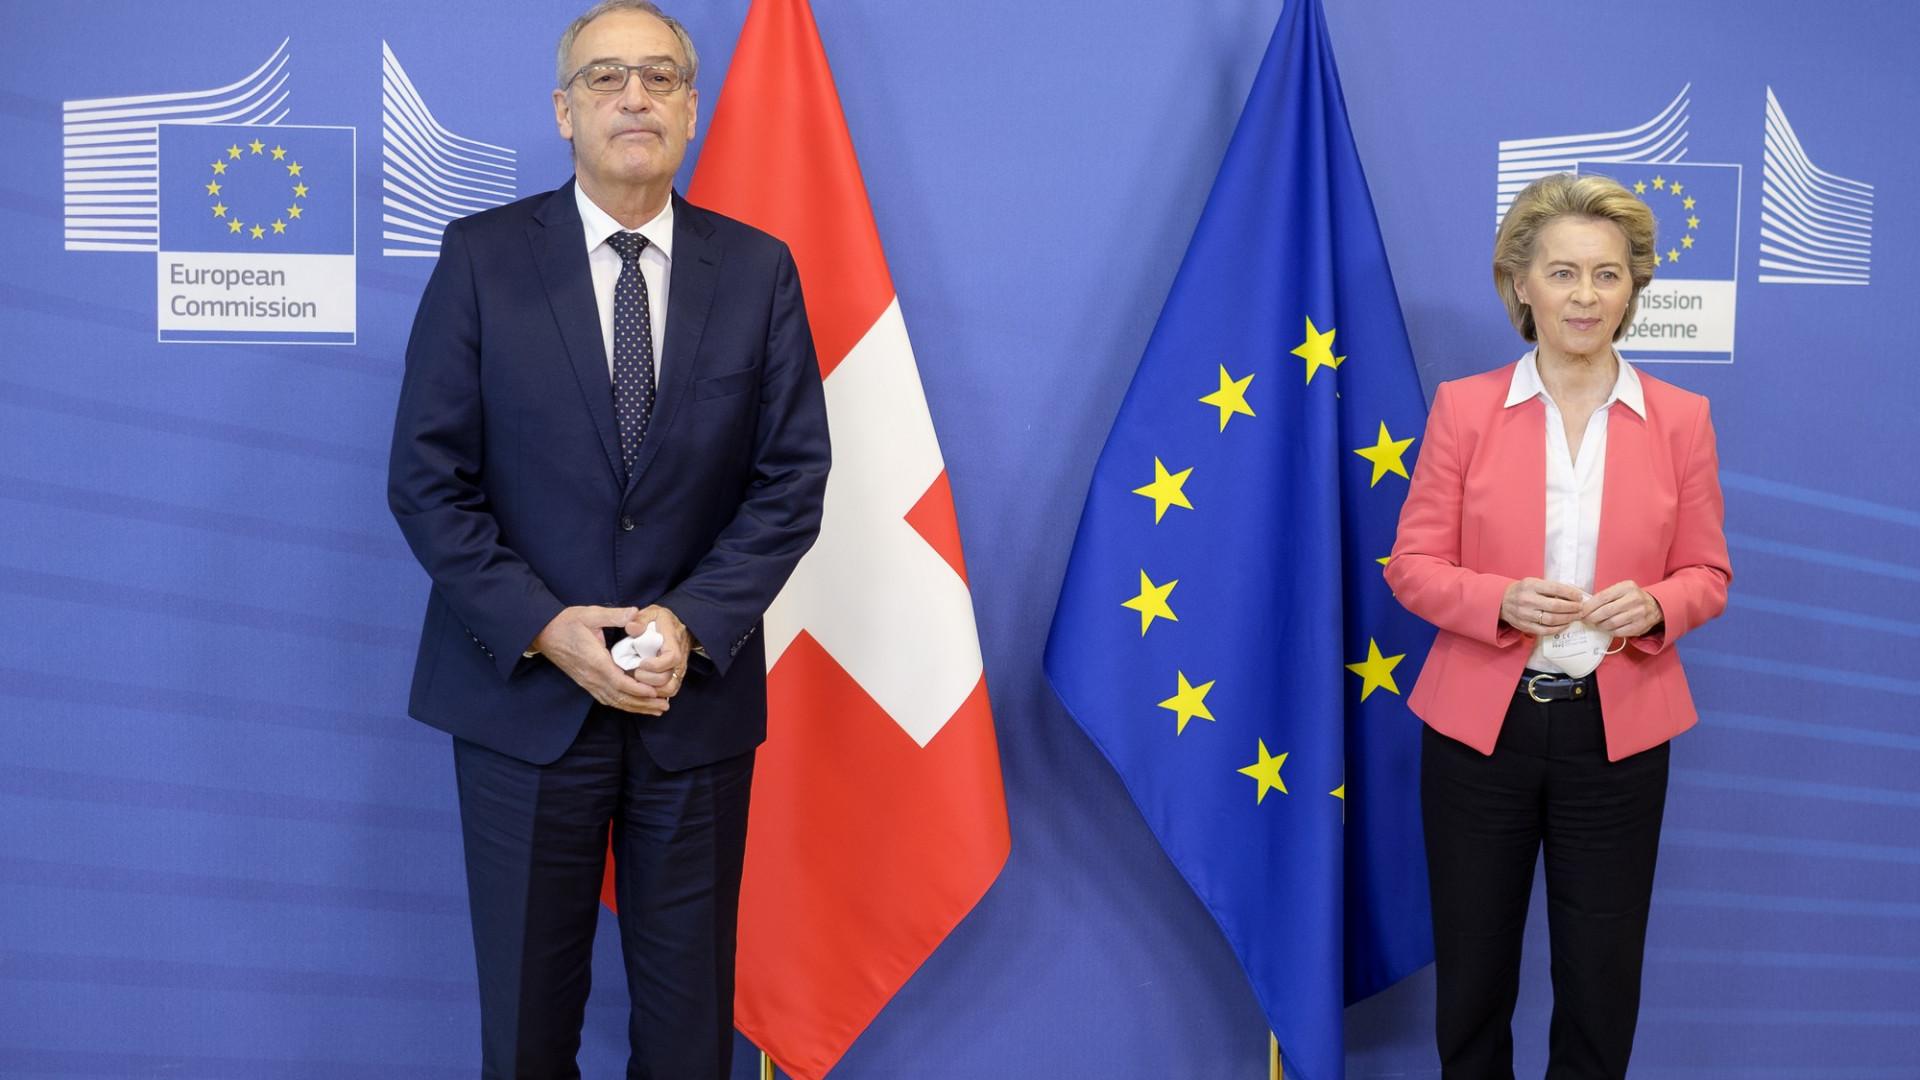 Rácsapta az ajtót Svájc az EU-ra, súlyos következményei ...